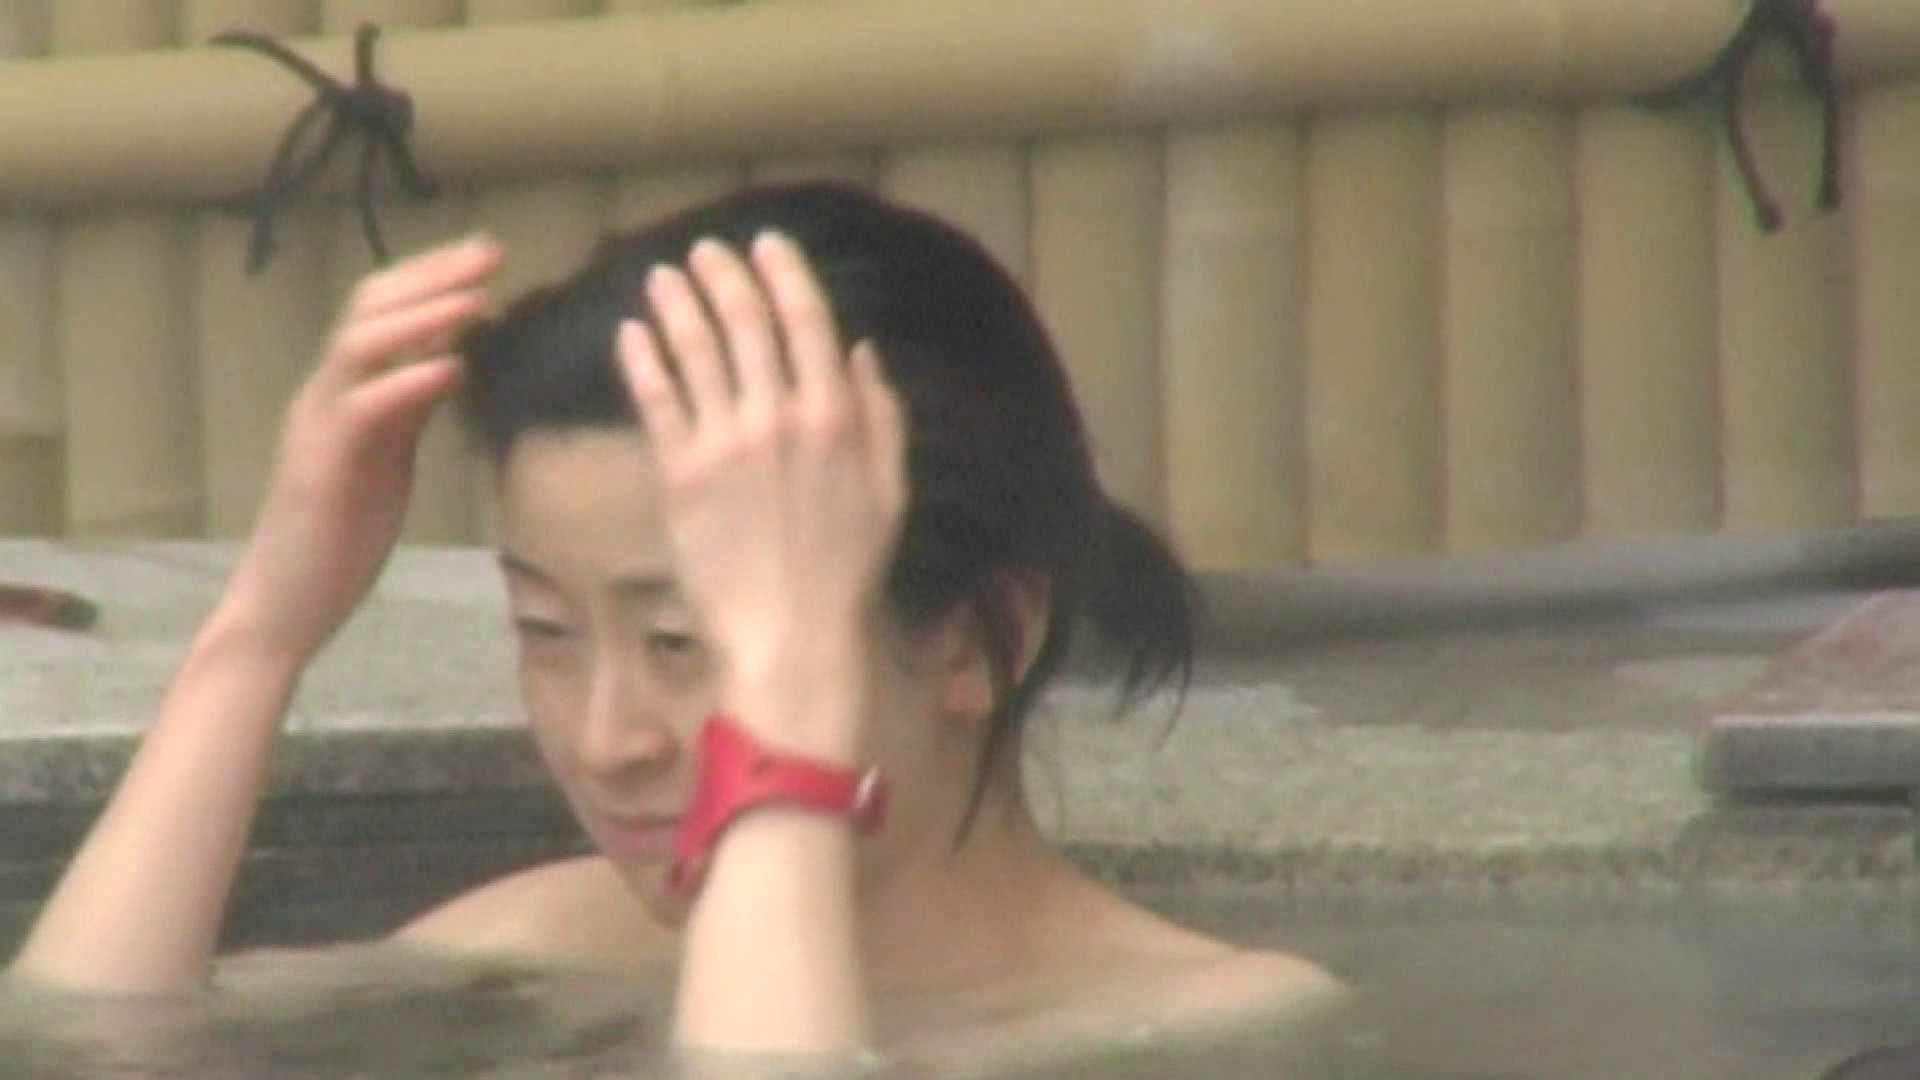 Aquaな露天風呂Vol.548 盗撮  103画像 30